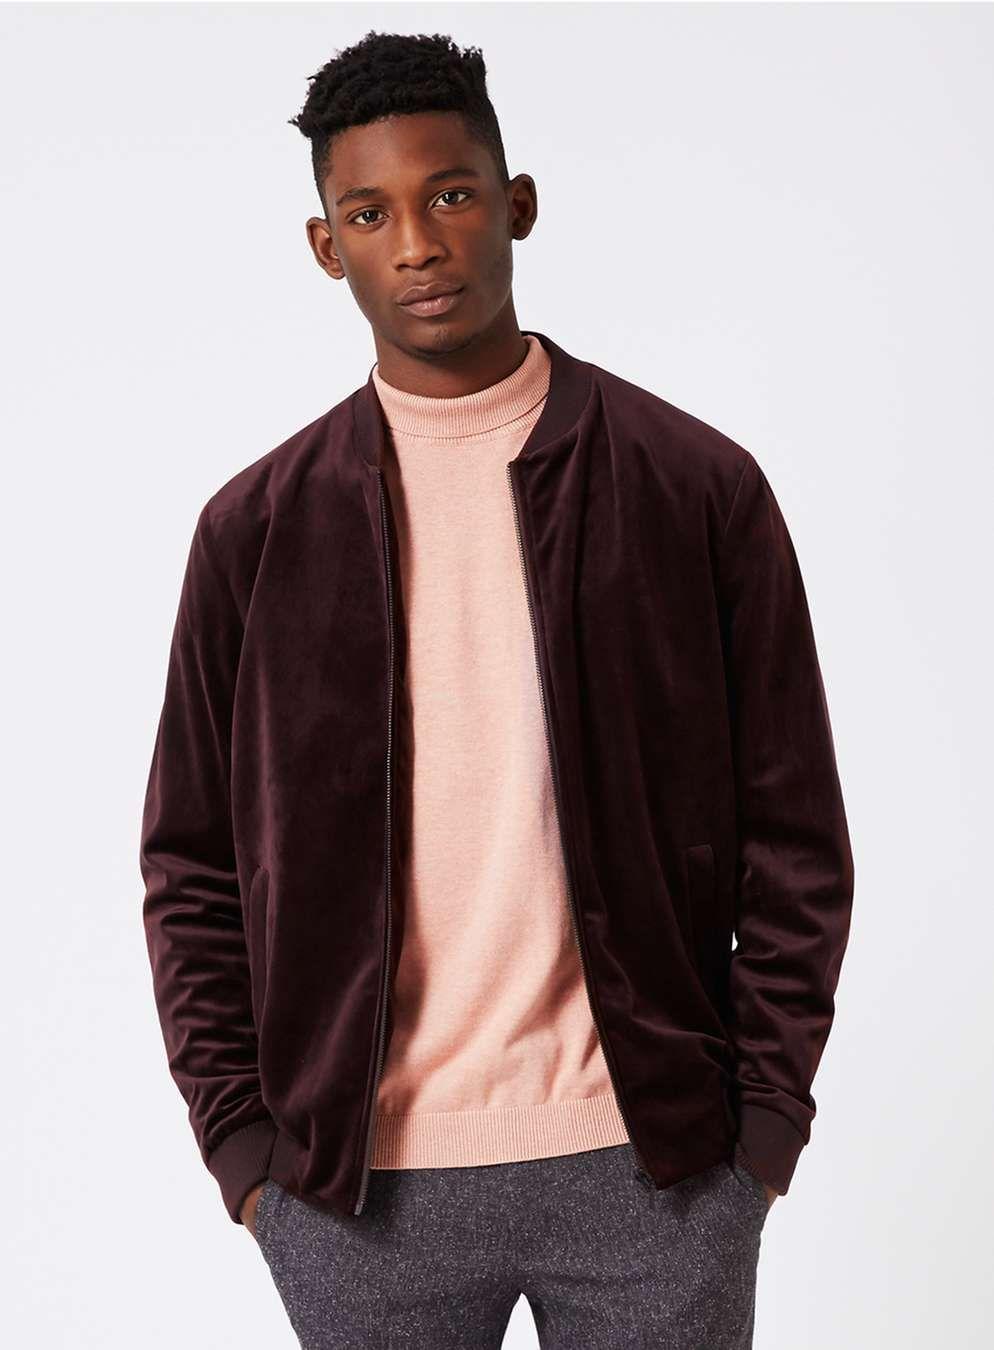 burgundy velvet smart bomber jacket - men's coats & jackets - clothing